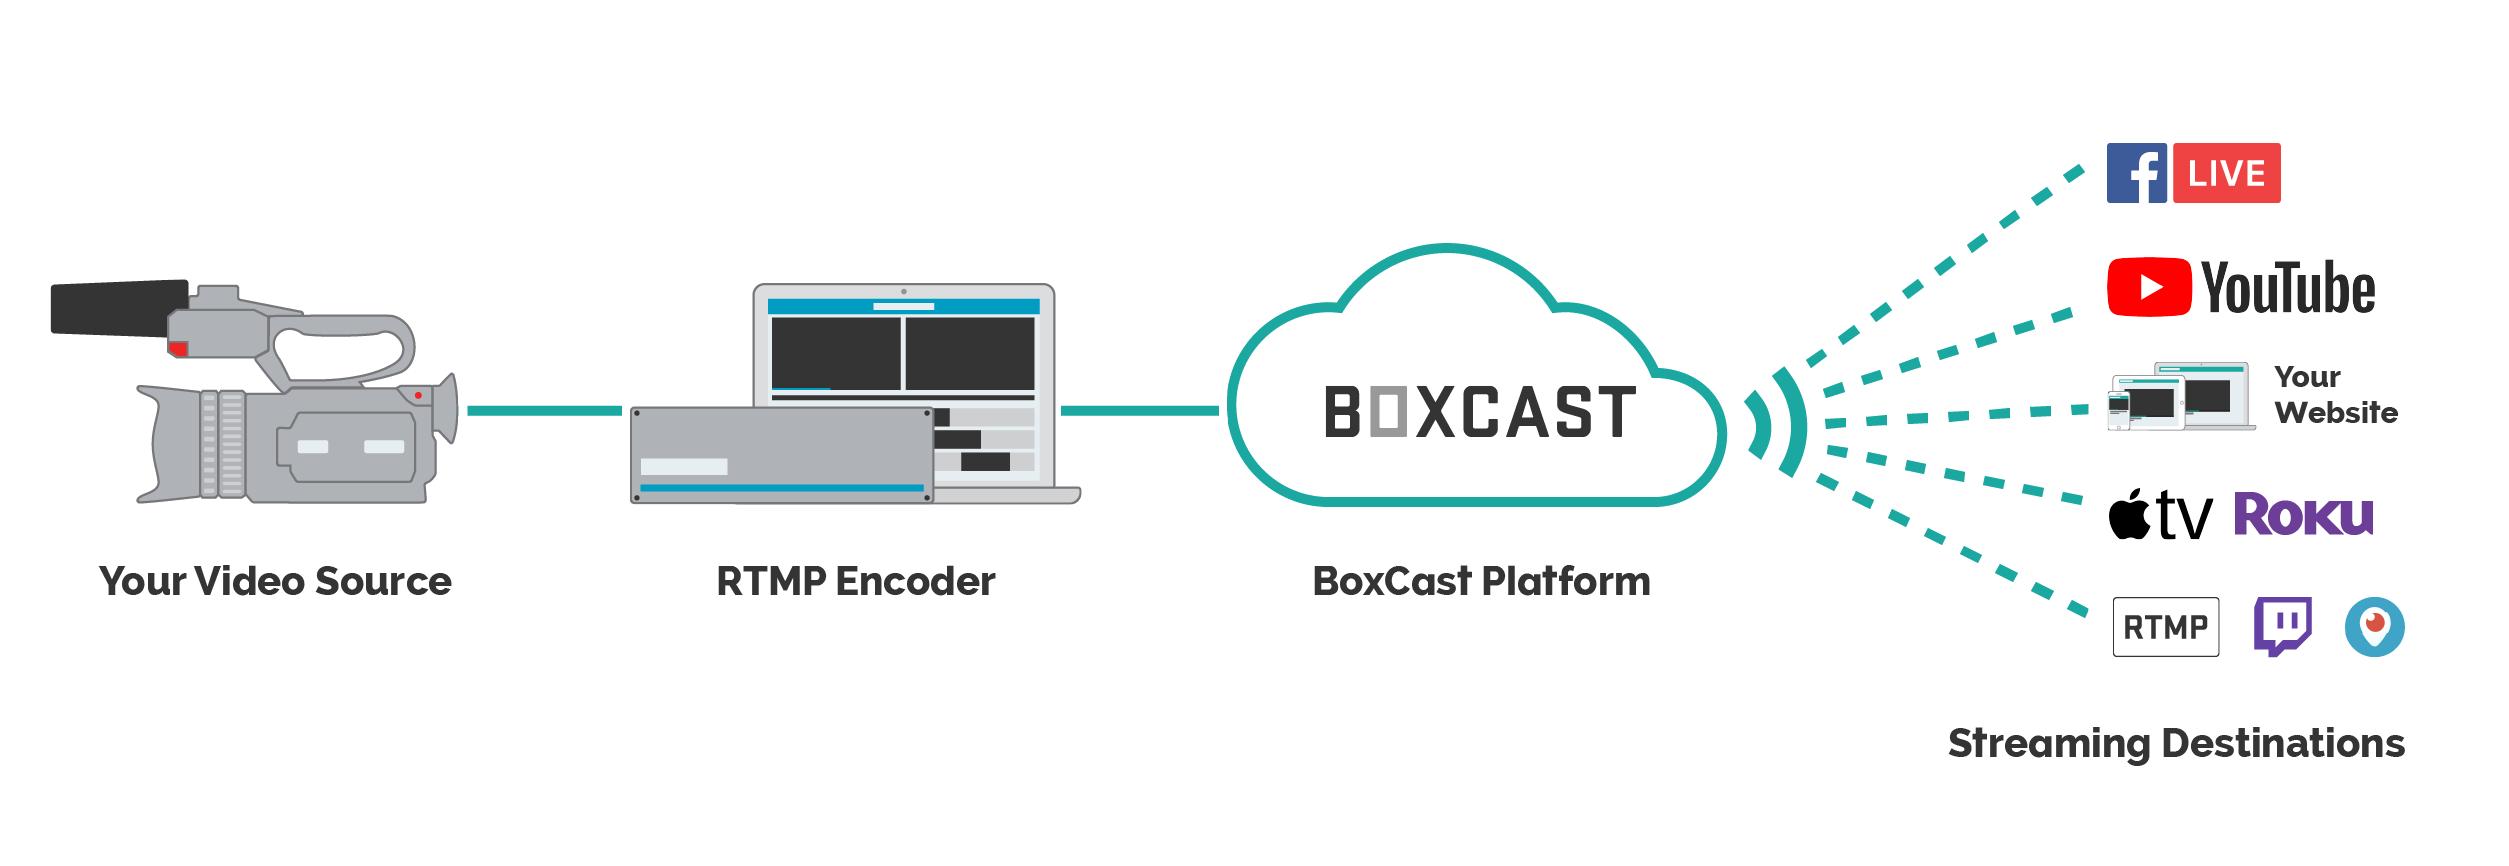 2_BoxCast_RTMP_Workflow